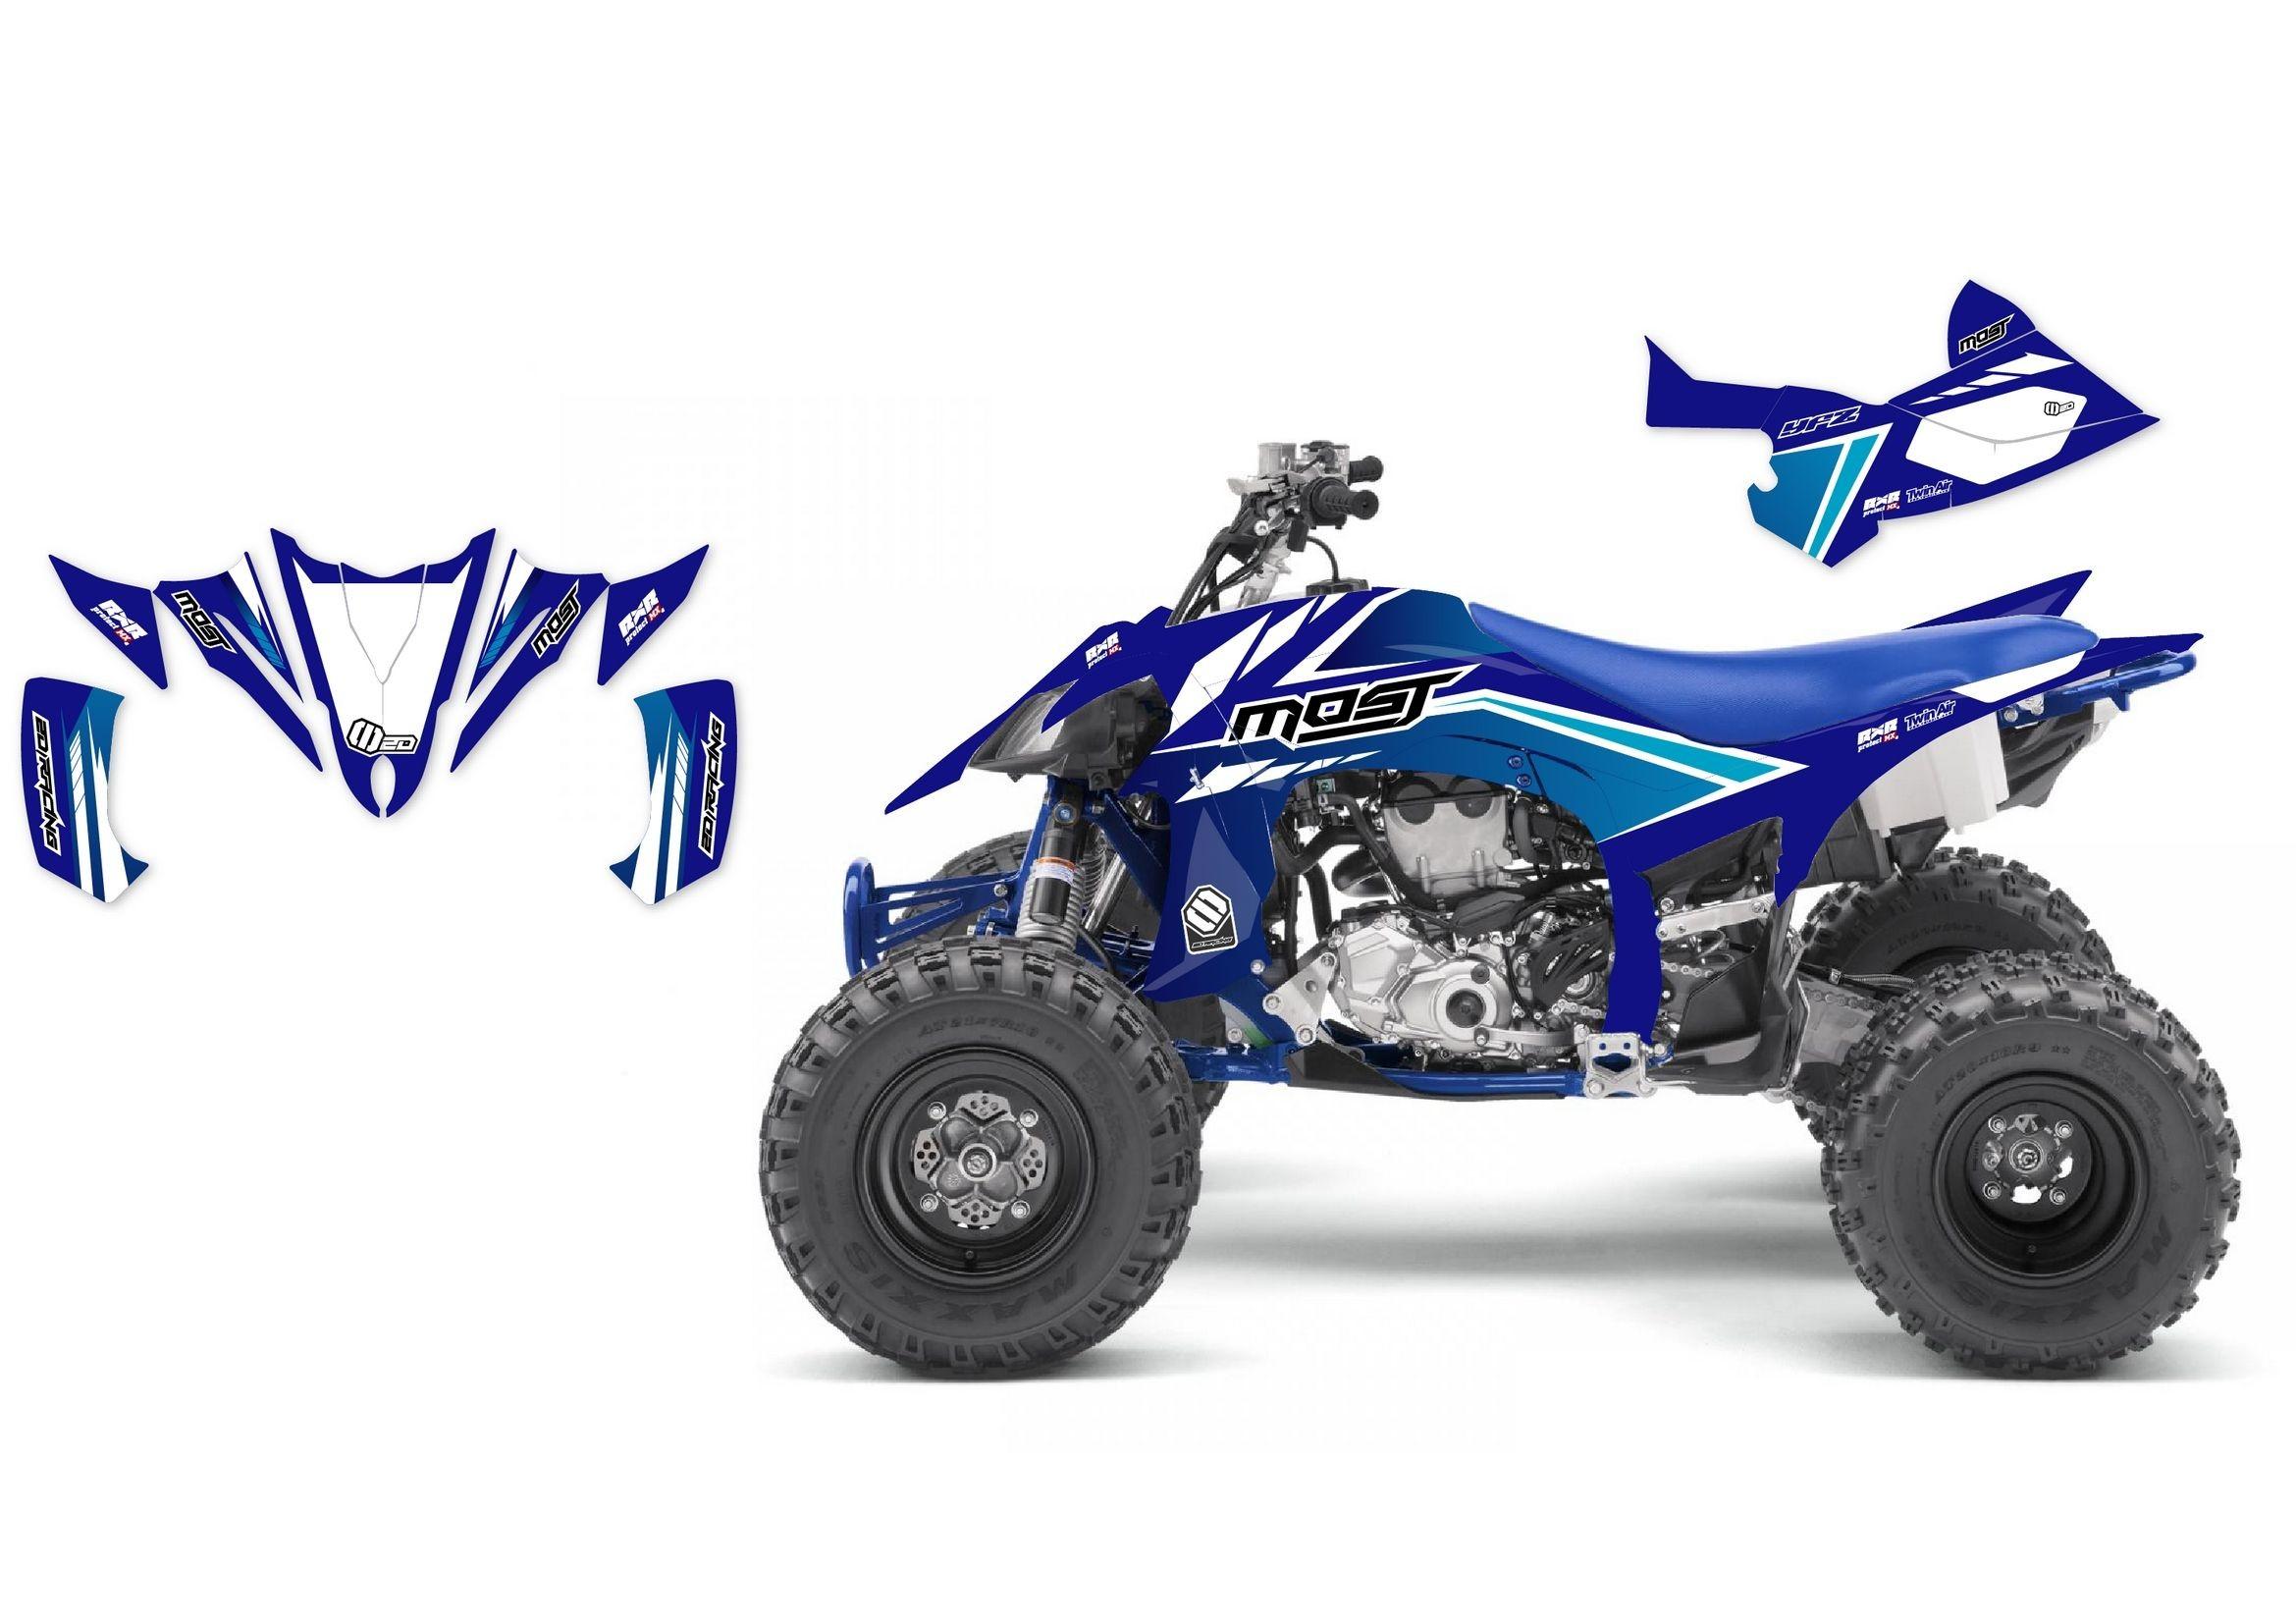 personnalisez votre 350 raptor avec nos kits deco kit deco complet quad yamaha most 350 raptor 04 13 de 5 a 12 de r